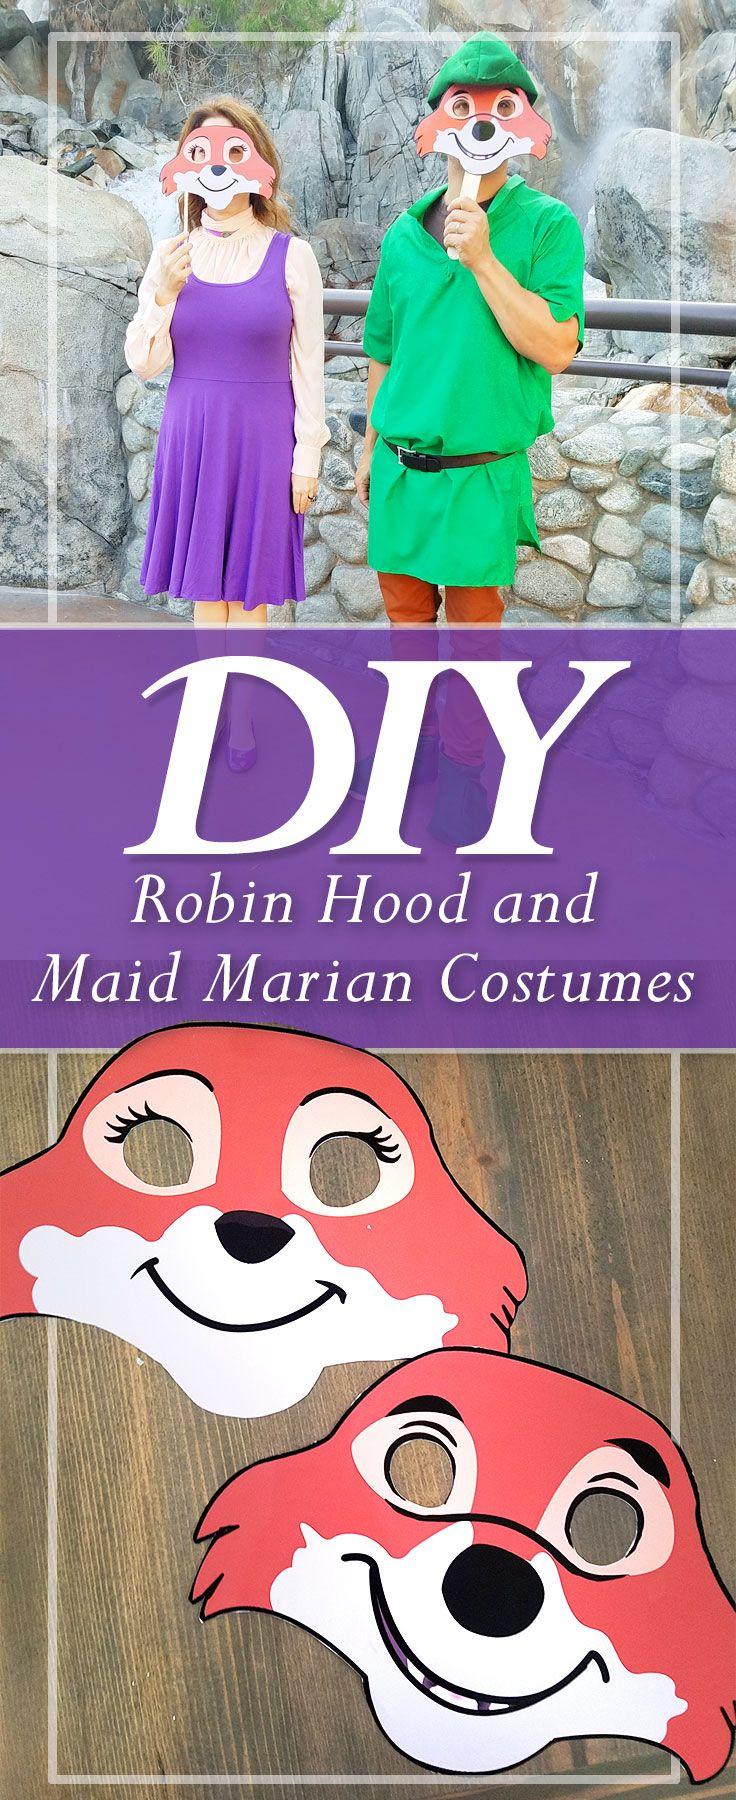 Robin Hood And Maid Marian Costumes Diy Disney Maid Marian